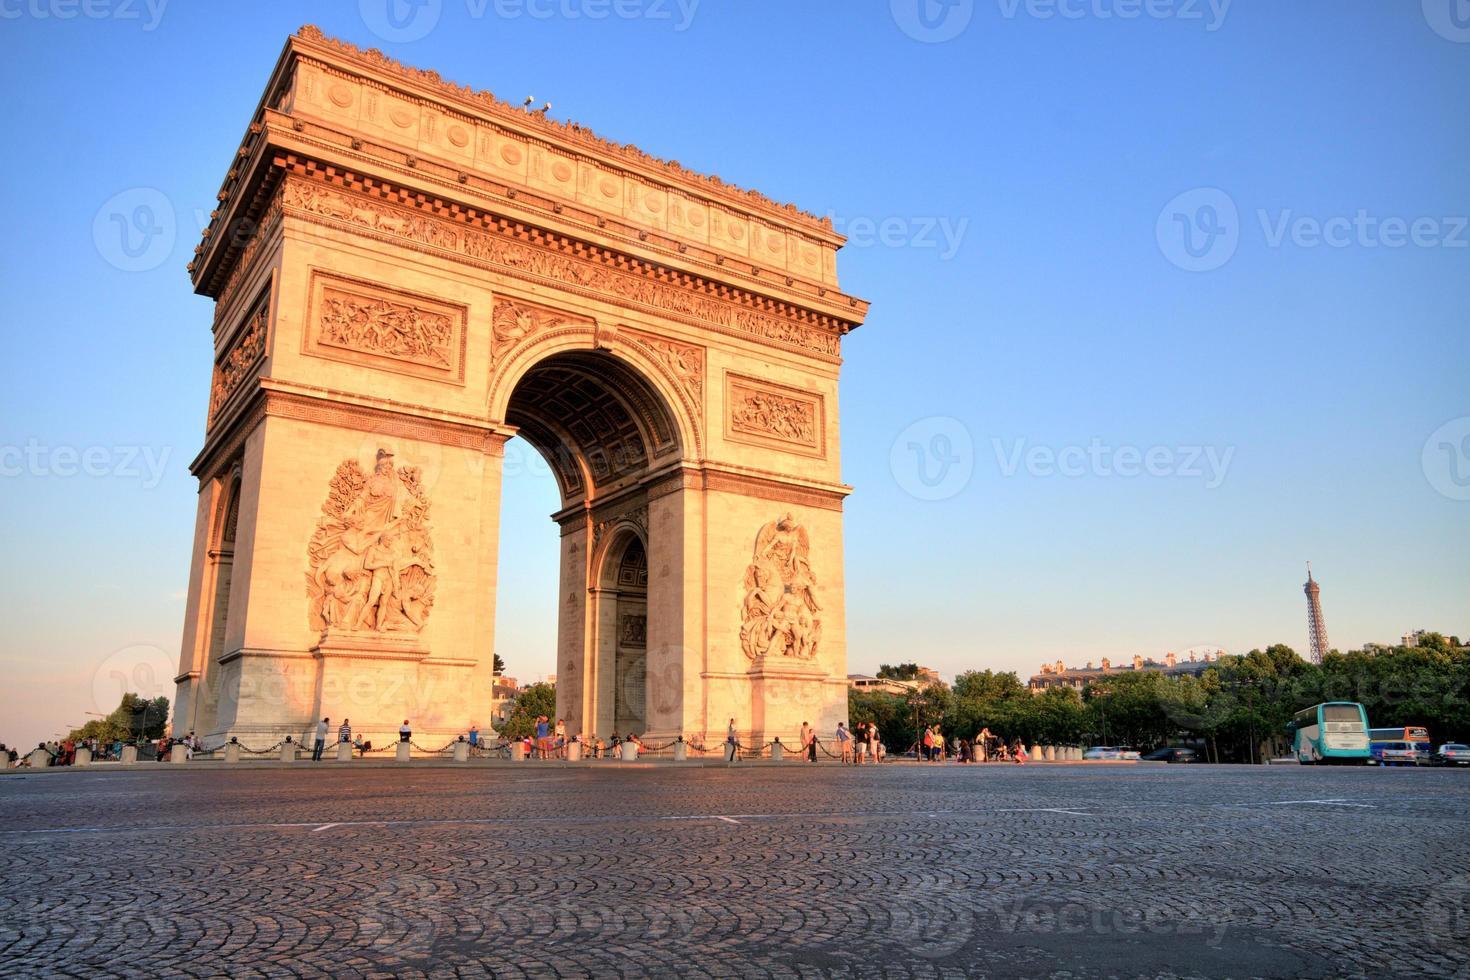 Arc de Triomphe al tramonto, Parigi foto